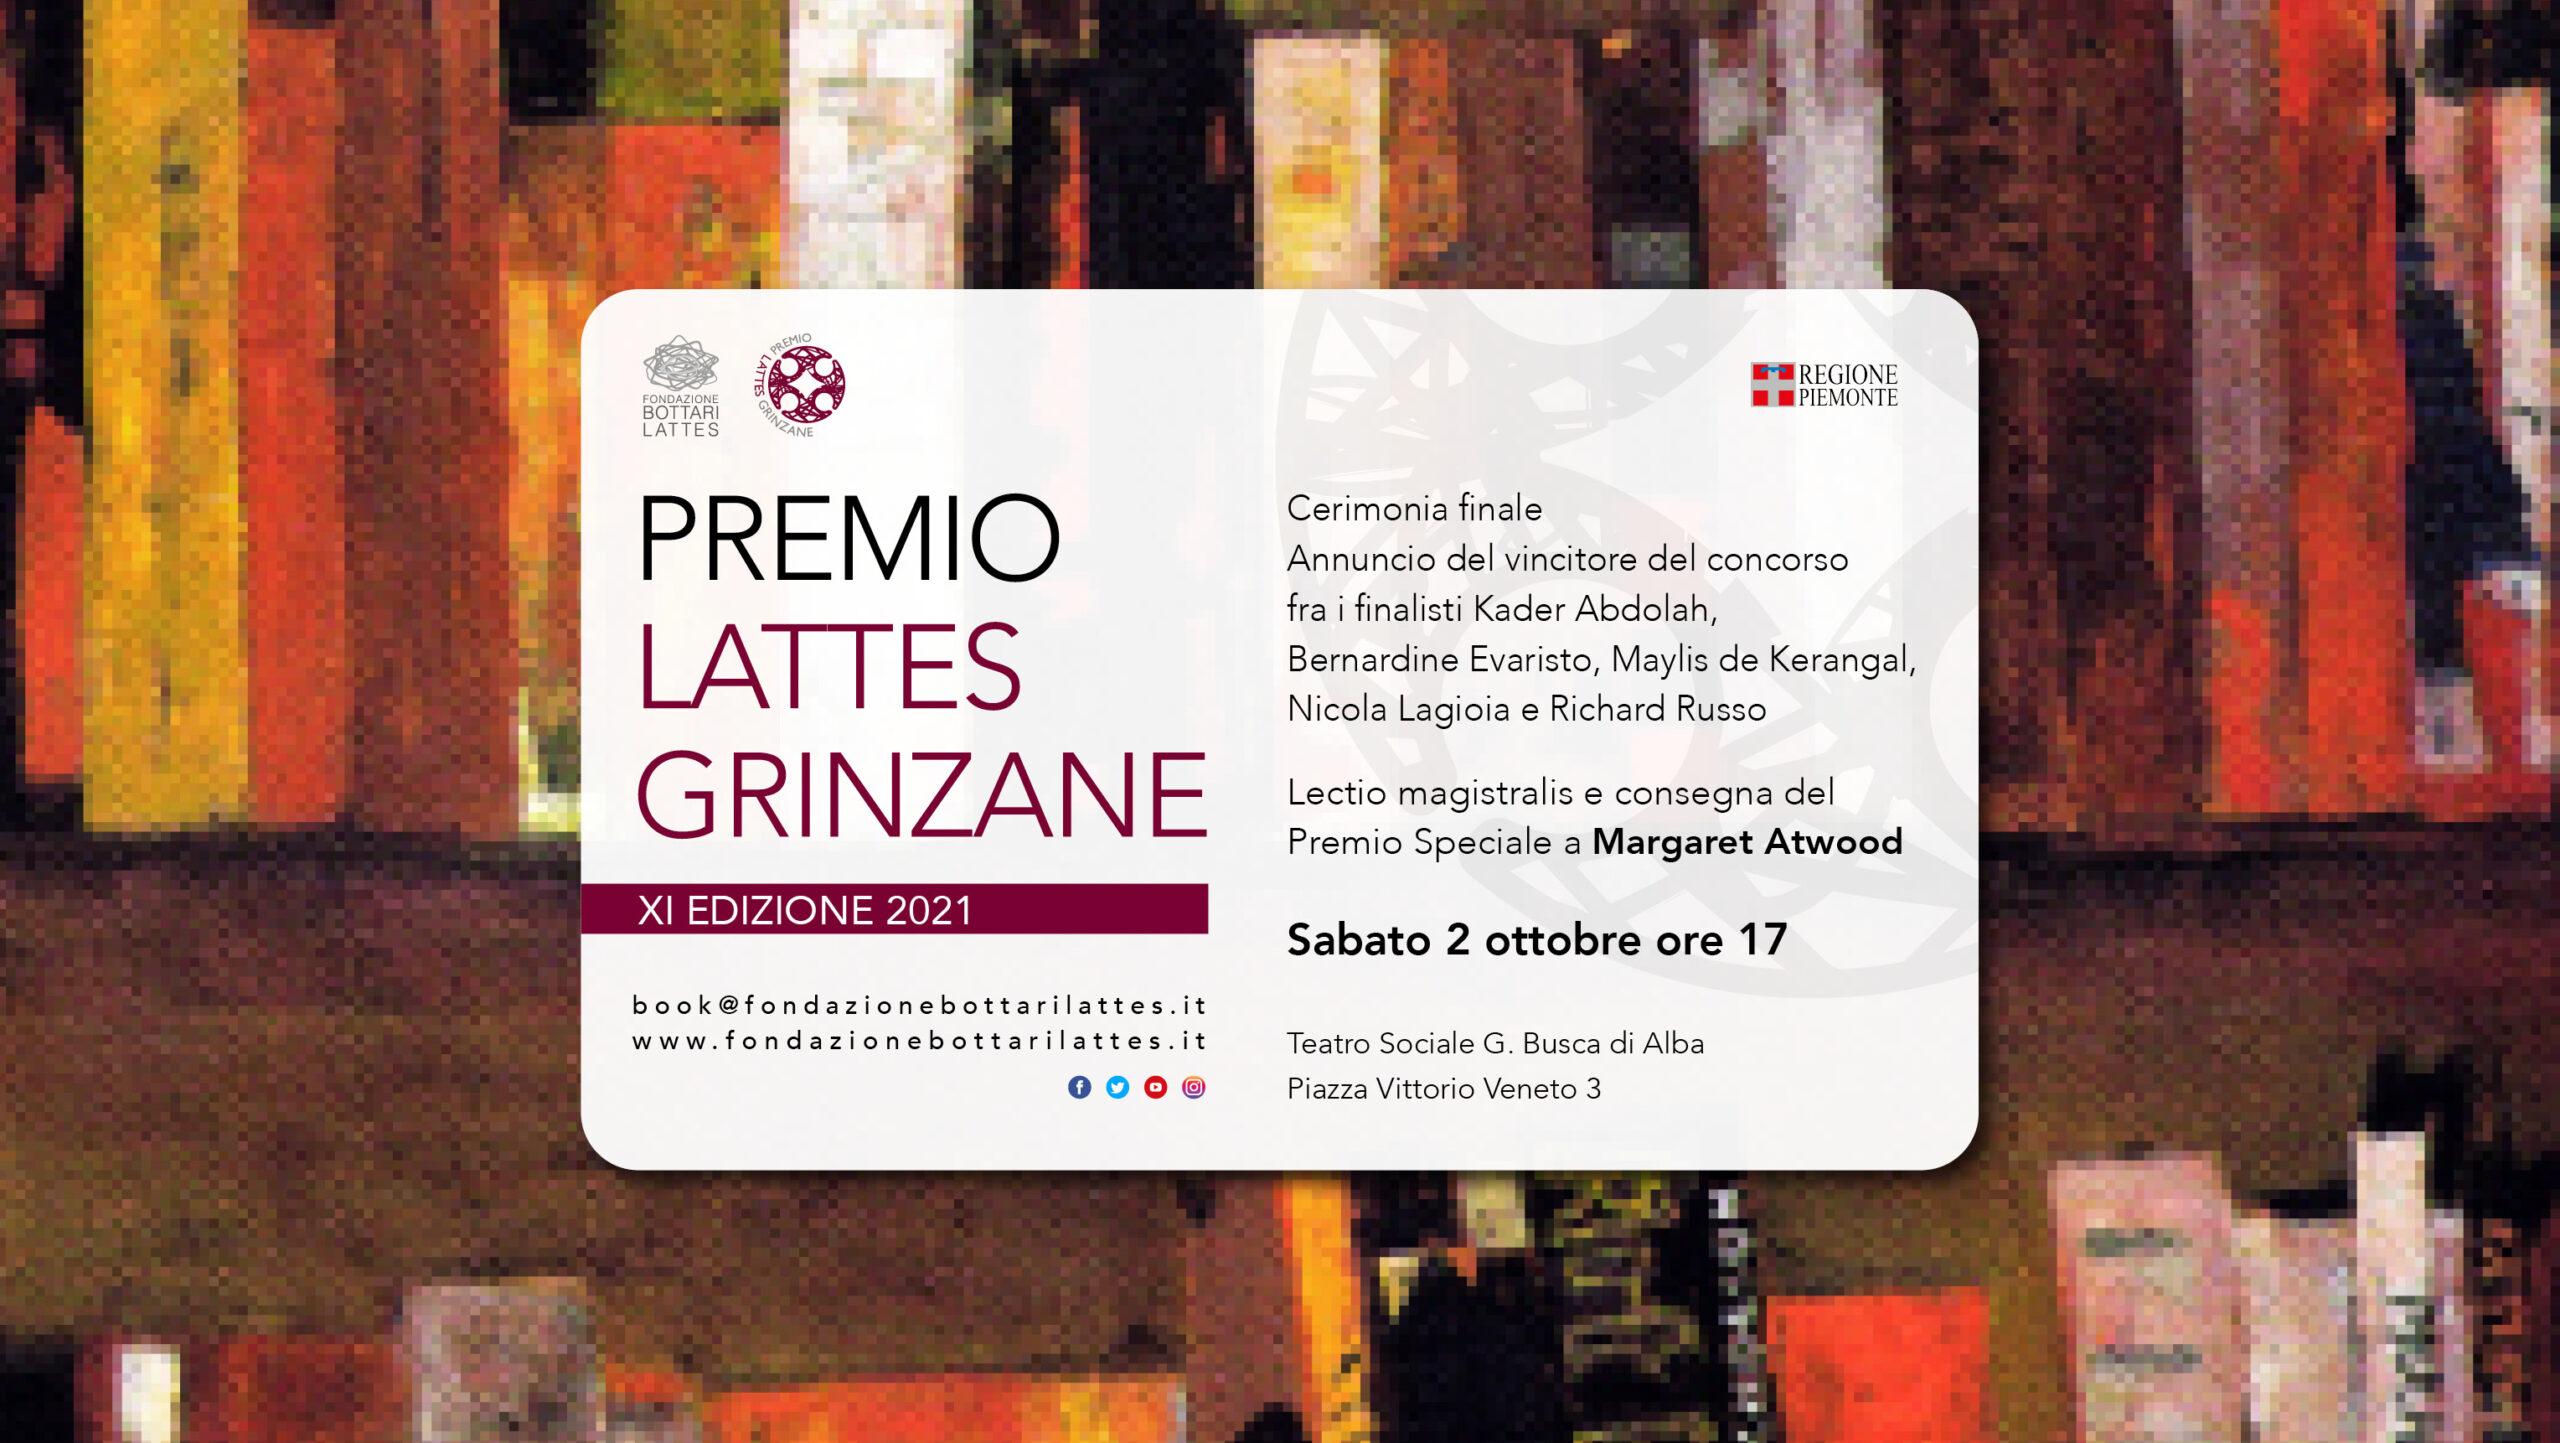 Premio Lattes Grinzane 2021: i 5 finalisti e il Premio Speciale, XI edizione